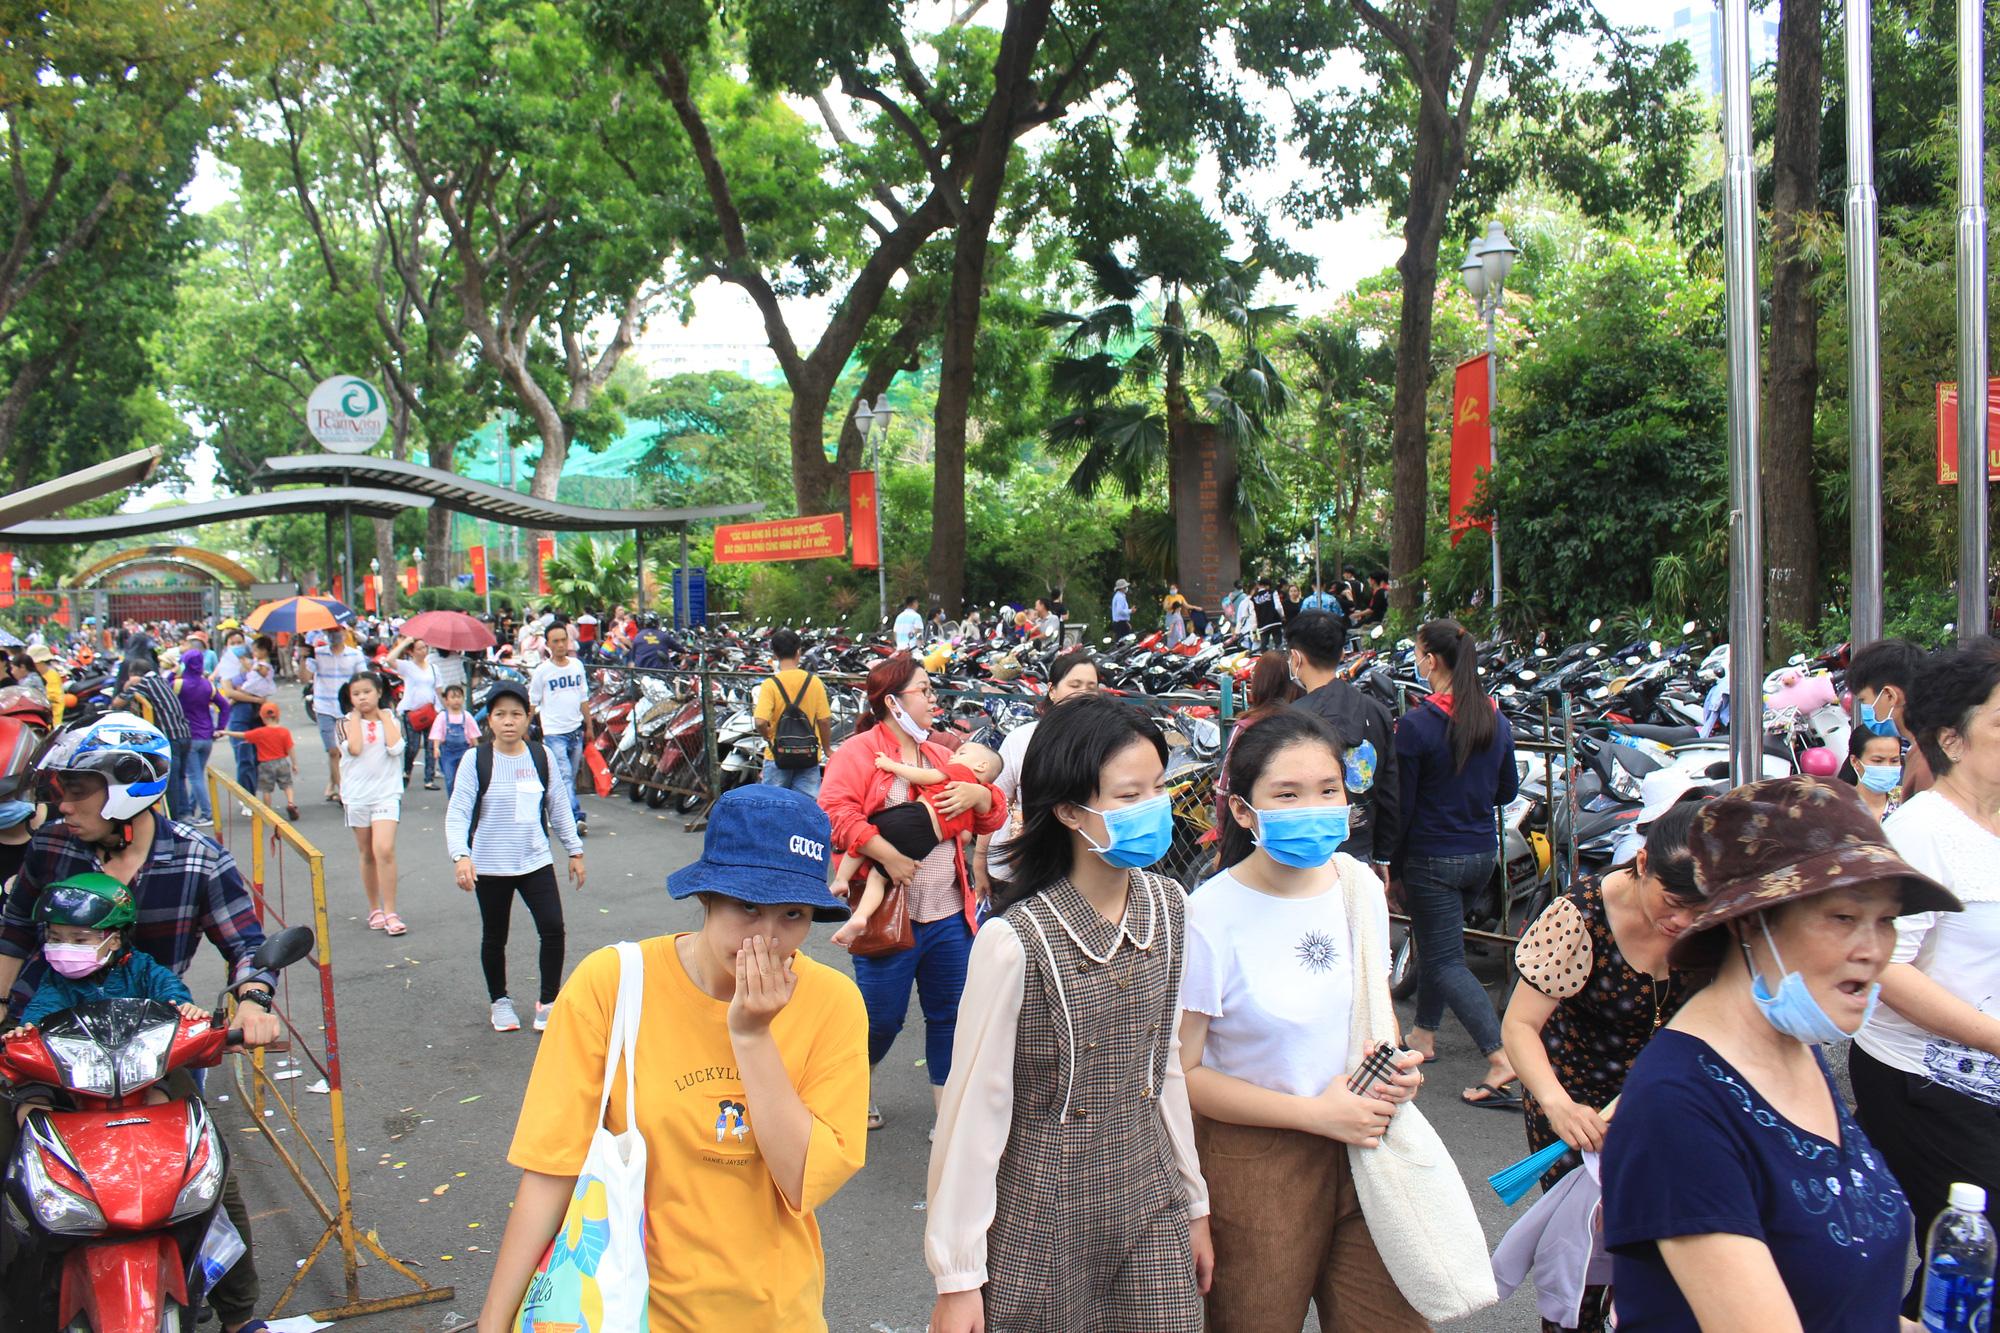 TP.HCM: Thảo Cầm Viên Sài Gòn, Đường sách đông nghẹt ngày Giỗ tổ Hùng Vương - Ảnh 2.